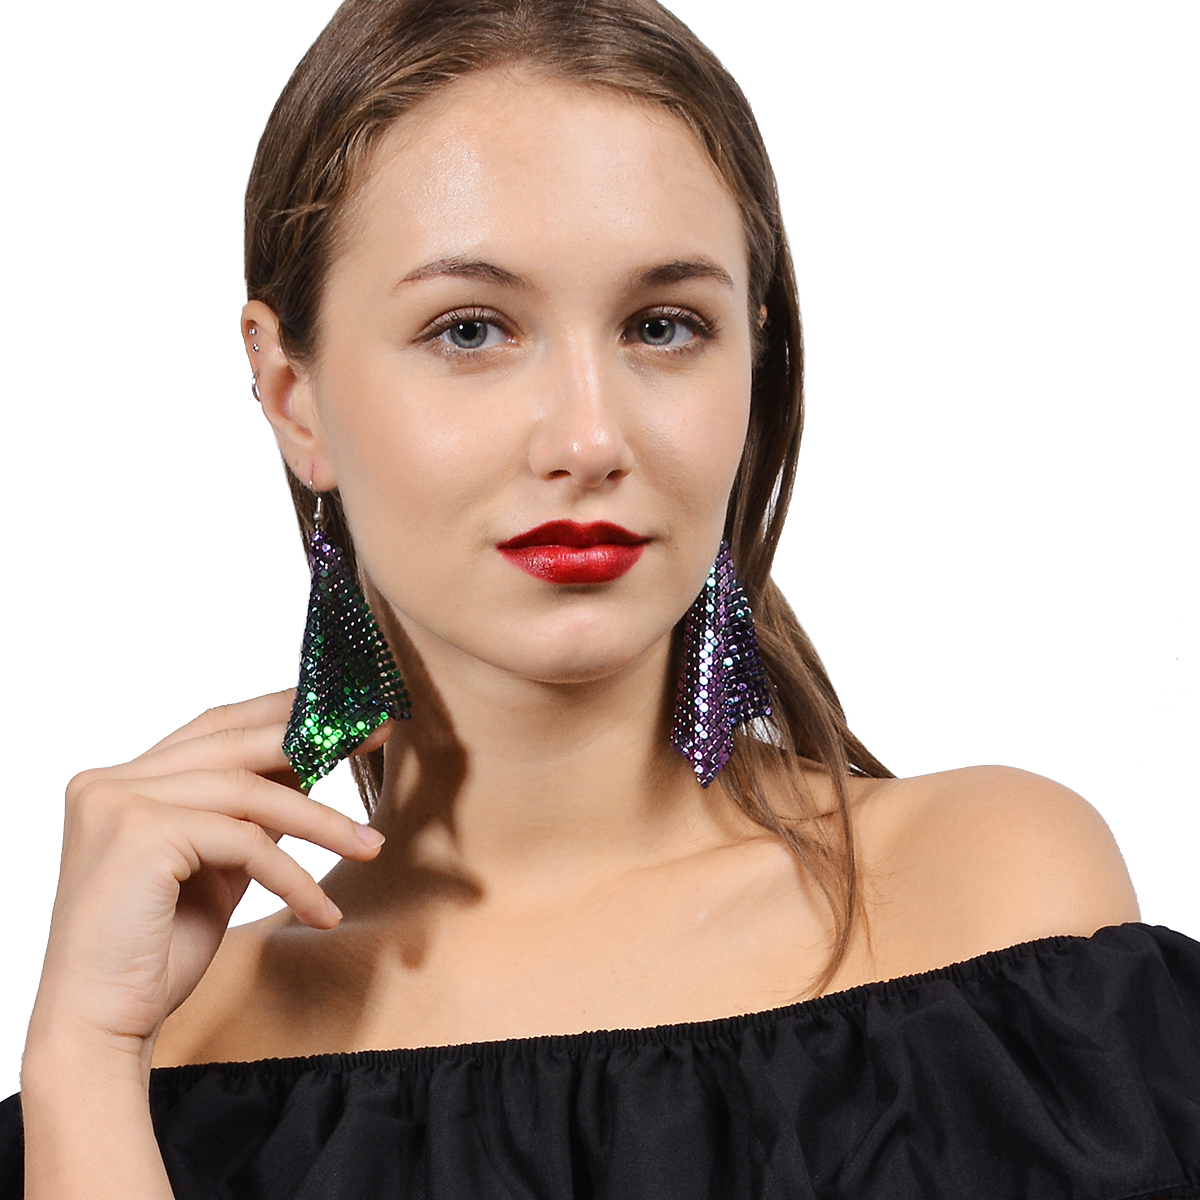 铝网亮片耳环 欧美时尚潮人个性创意款不规则铝片ins 红人耳 饰品